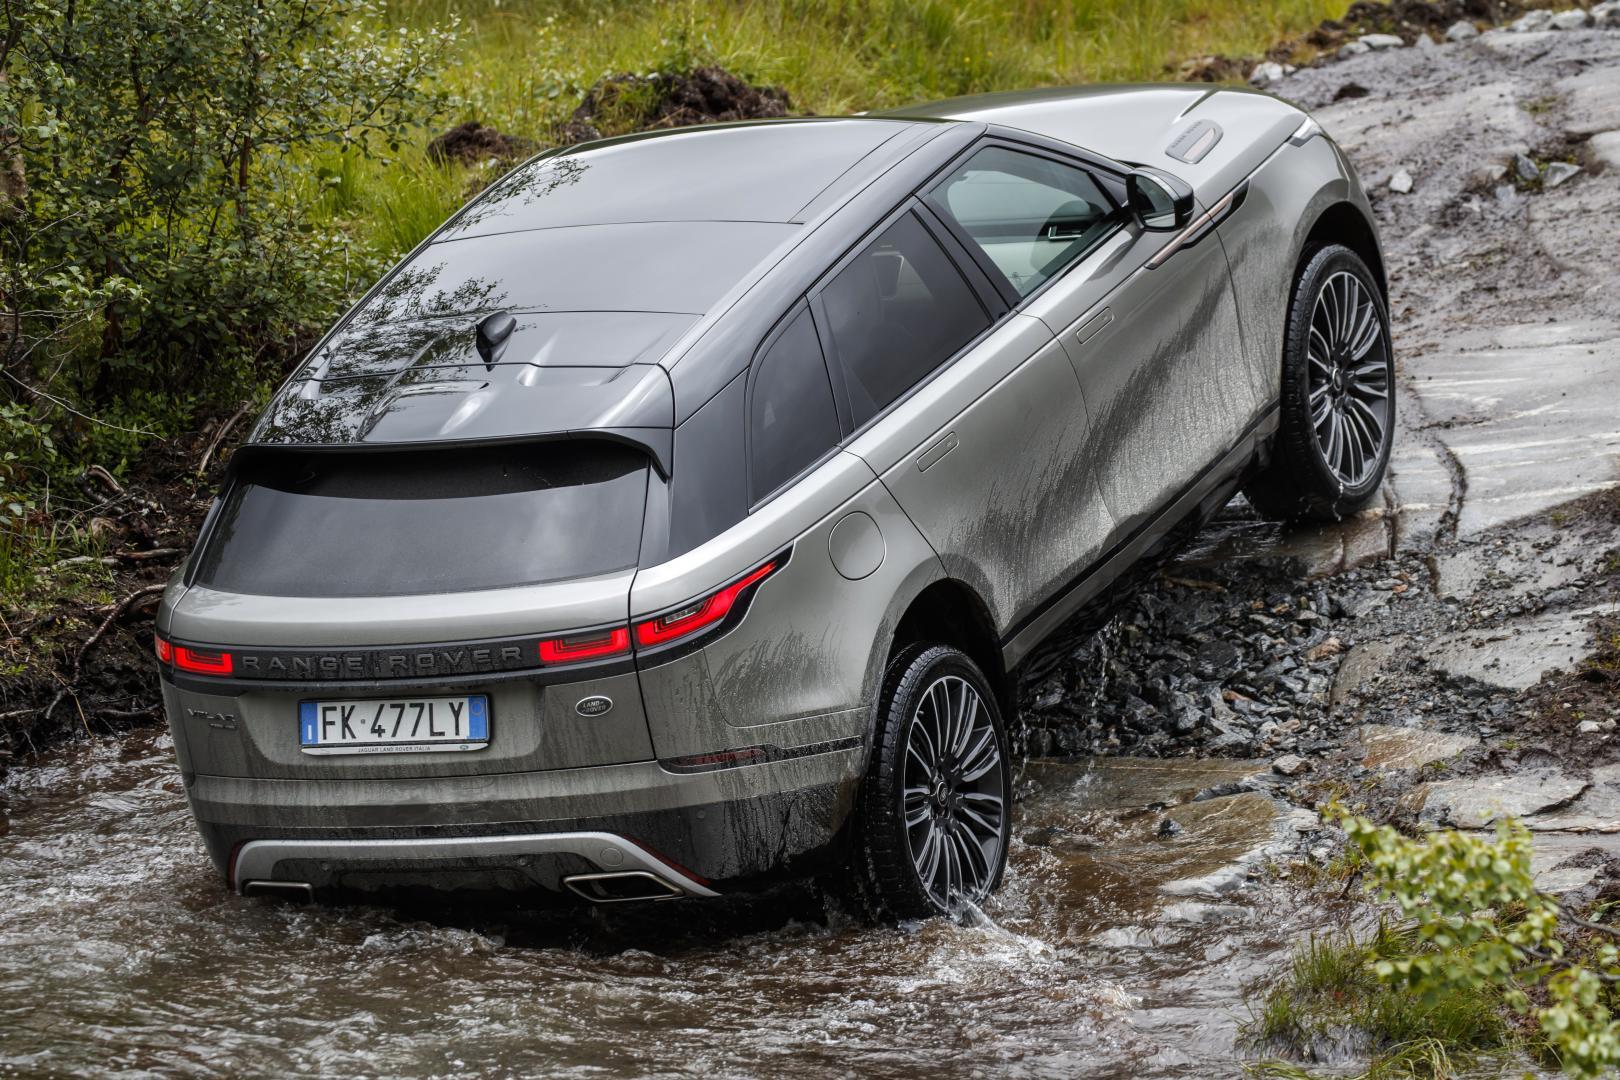 Range Rover Velar Topgears 1e Rij Indruk Topgear Nederland